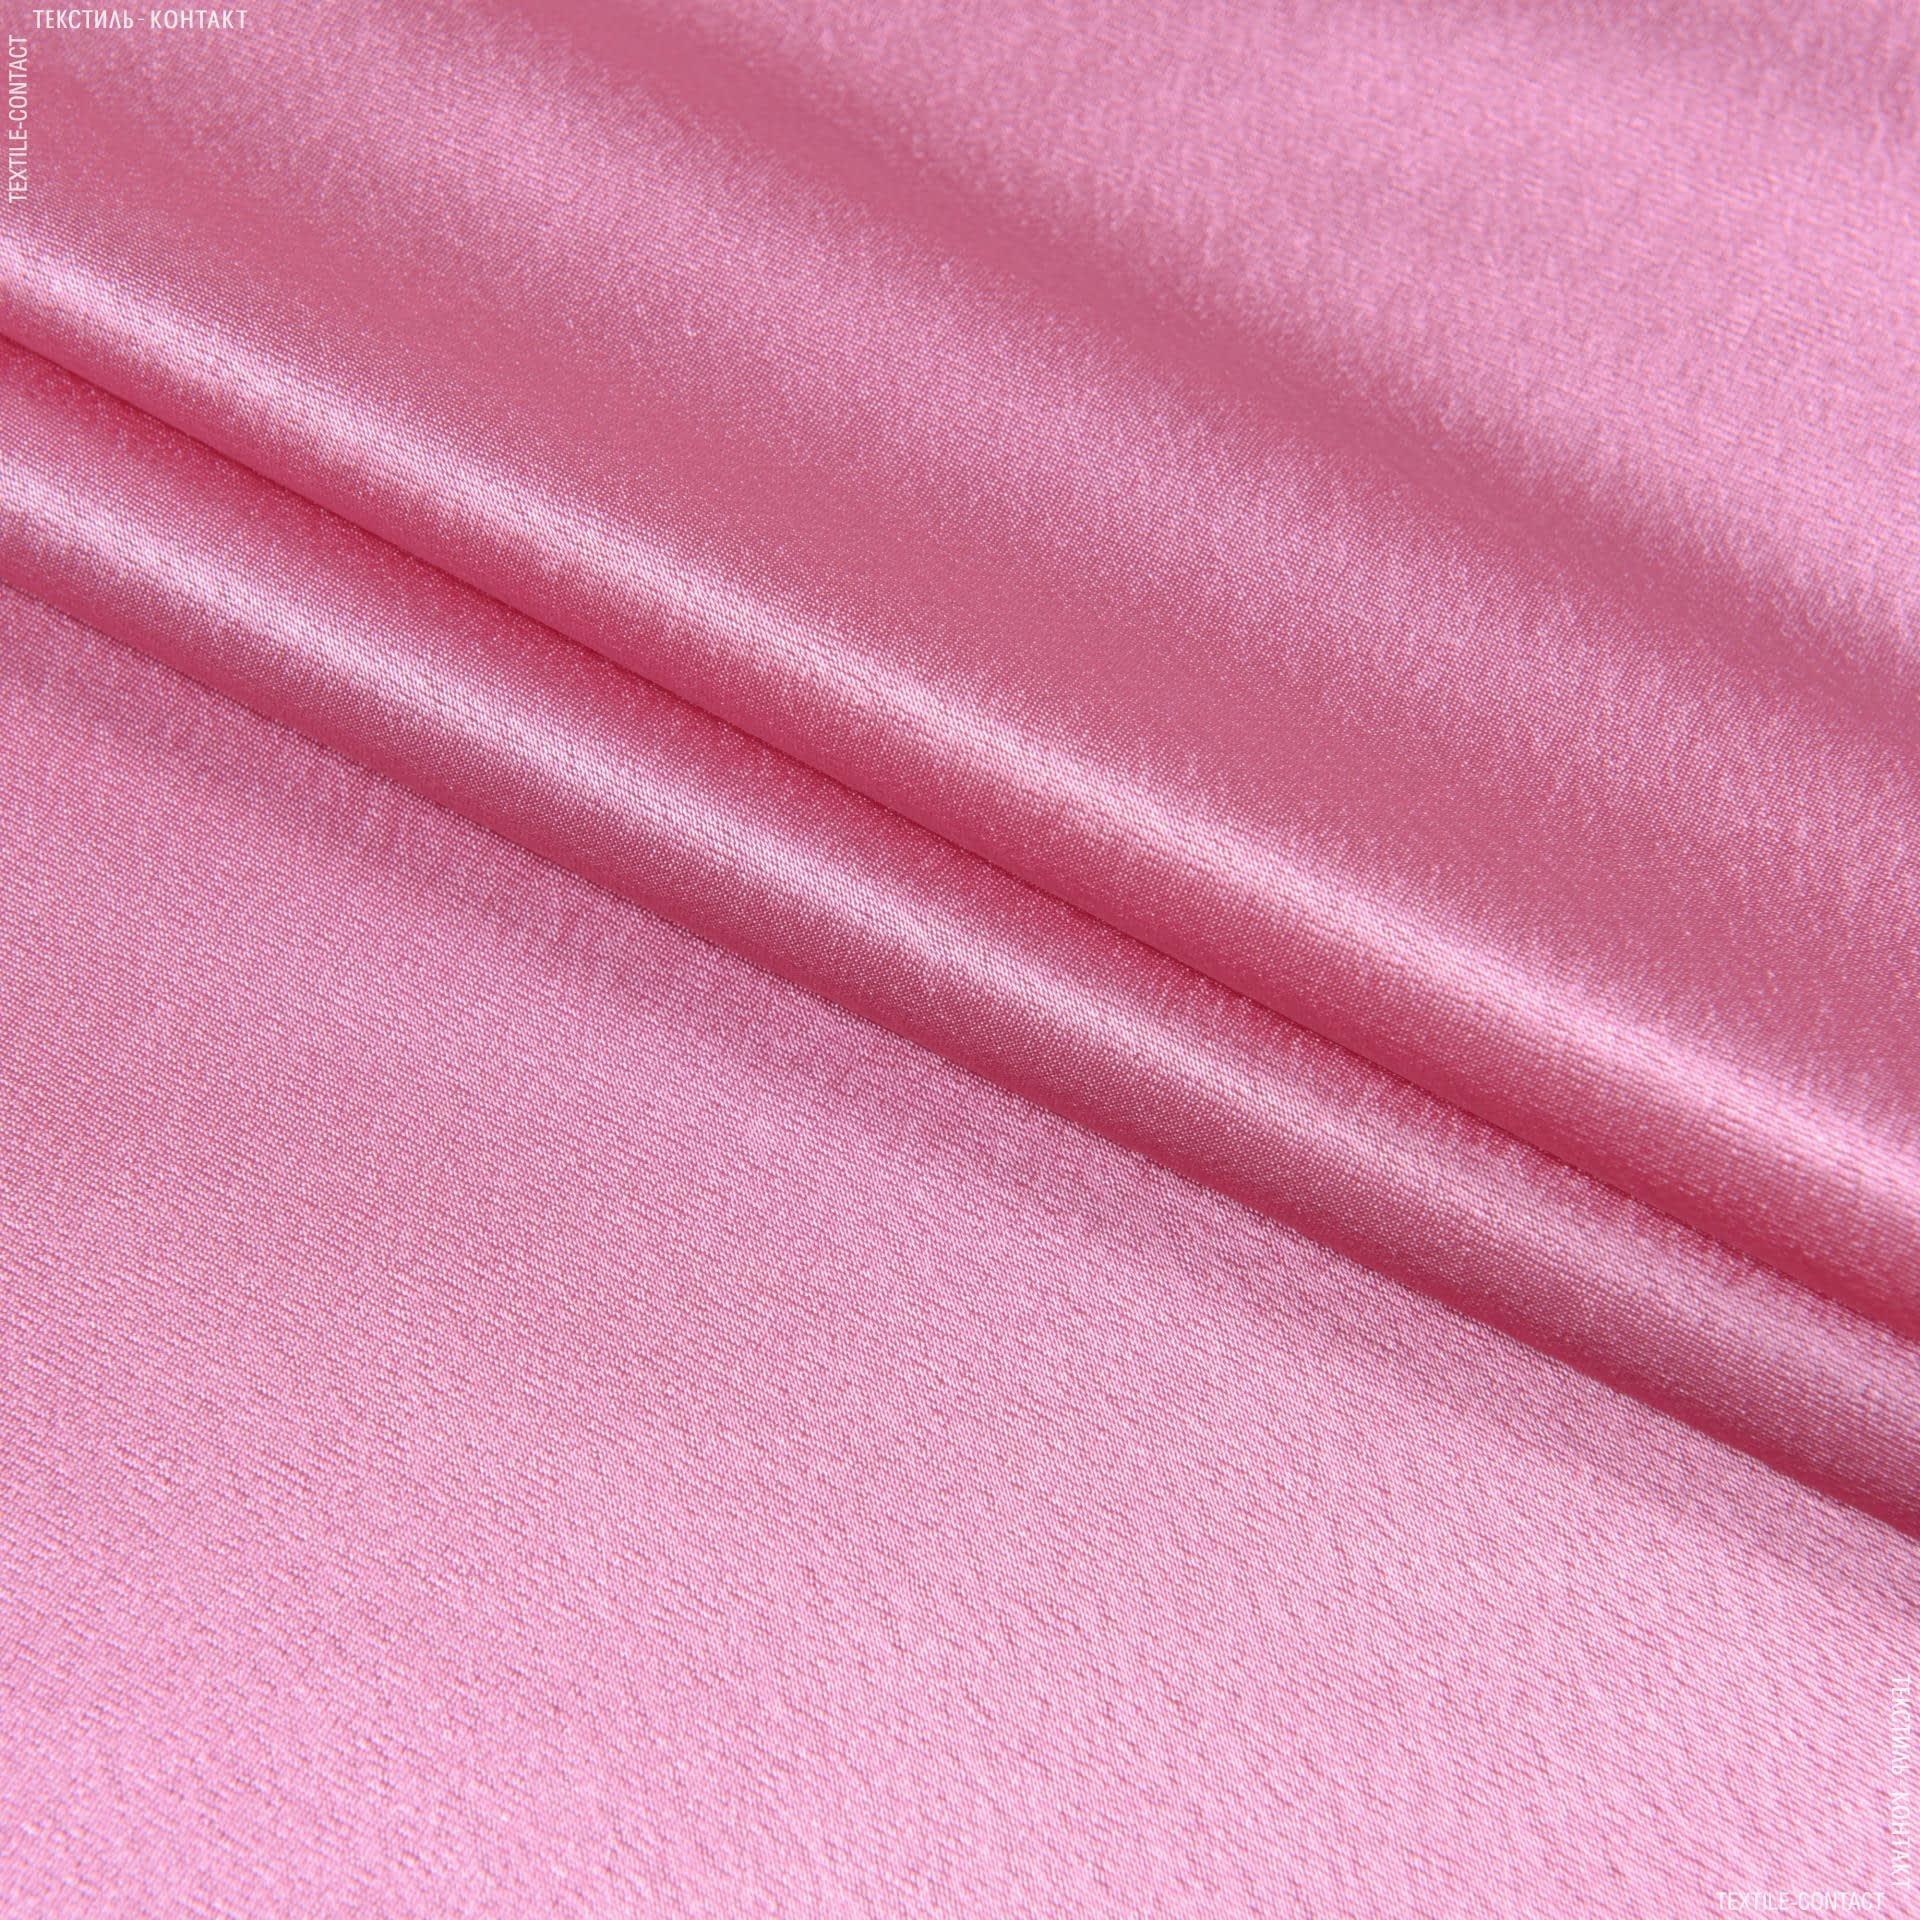 Ткани для банкетных и фуршетных юбок - Креп-сатин темно-розовый